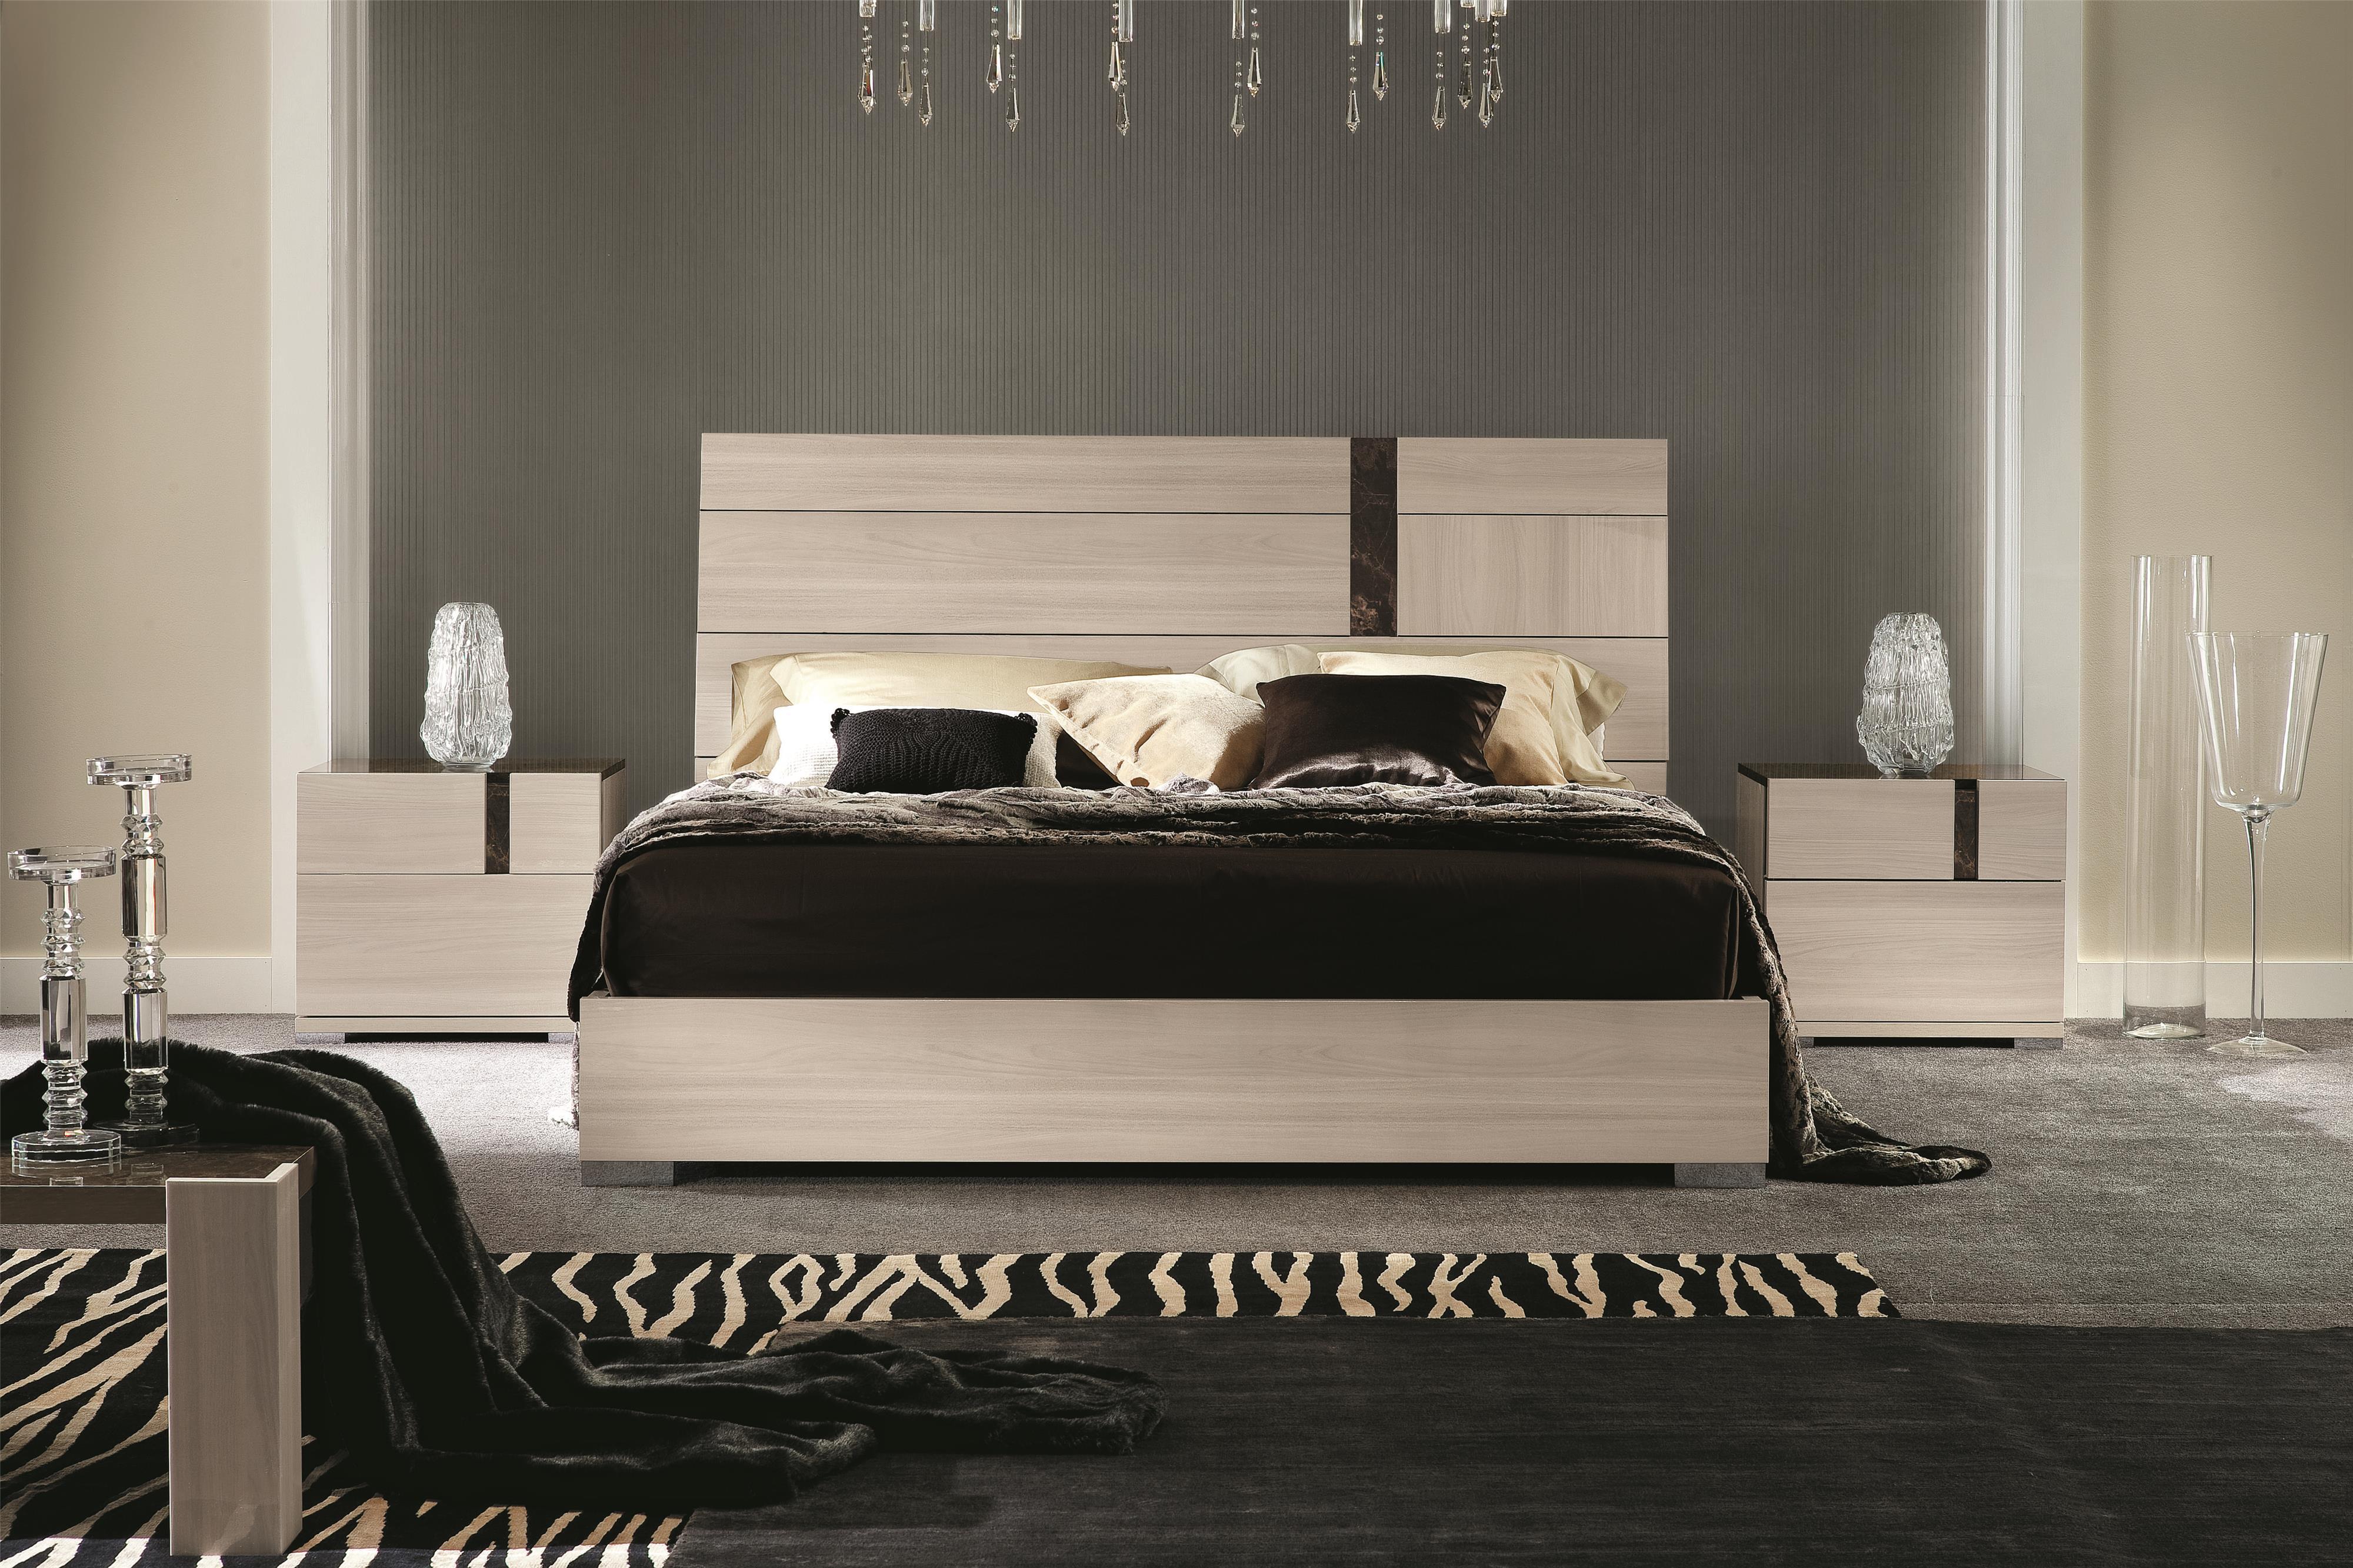 Alf Italia Teodora King Bed - Item Number: PJTEO185 Teodora